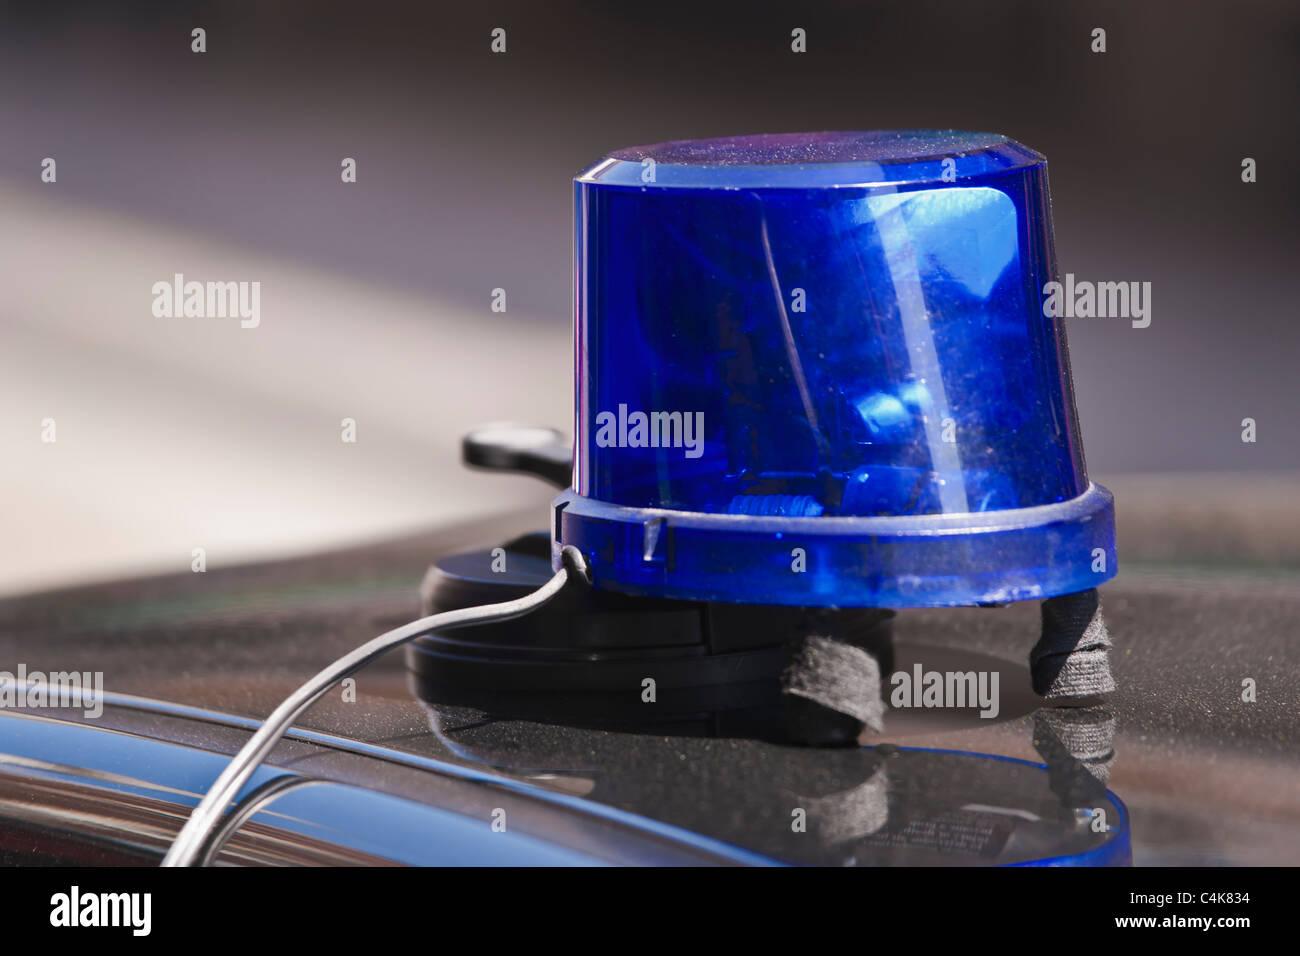 Detailansicht einer blauen Rundumleuchte auf einem Zivilfahrzeug   Detail photo of a blue rotating flashing beacon - Stock Image